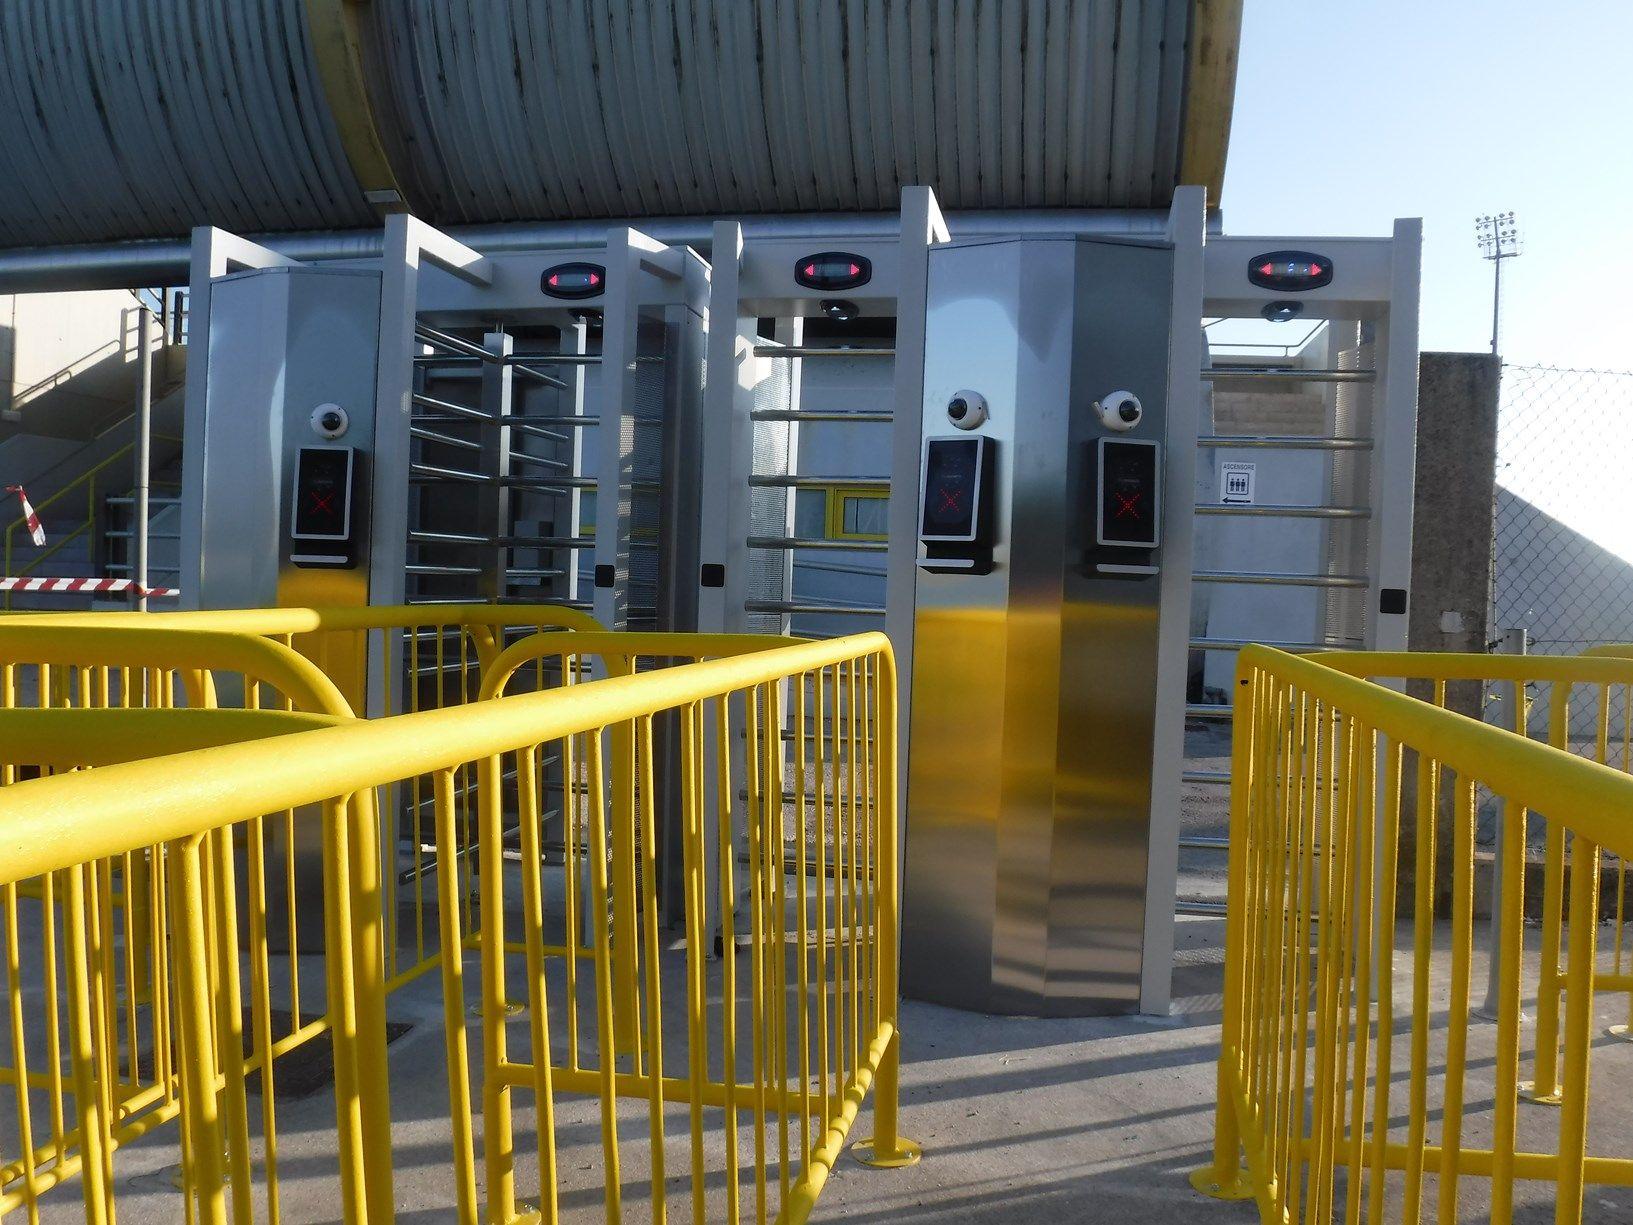 Came scende in campo per integrare sicurezza e controllo accessi dello stadio comunale G.Teghil di Lignano Sabbiadoro